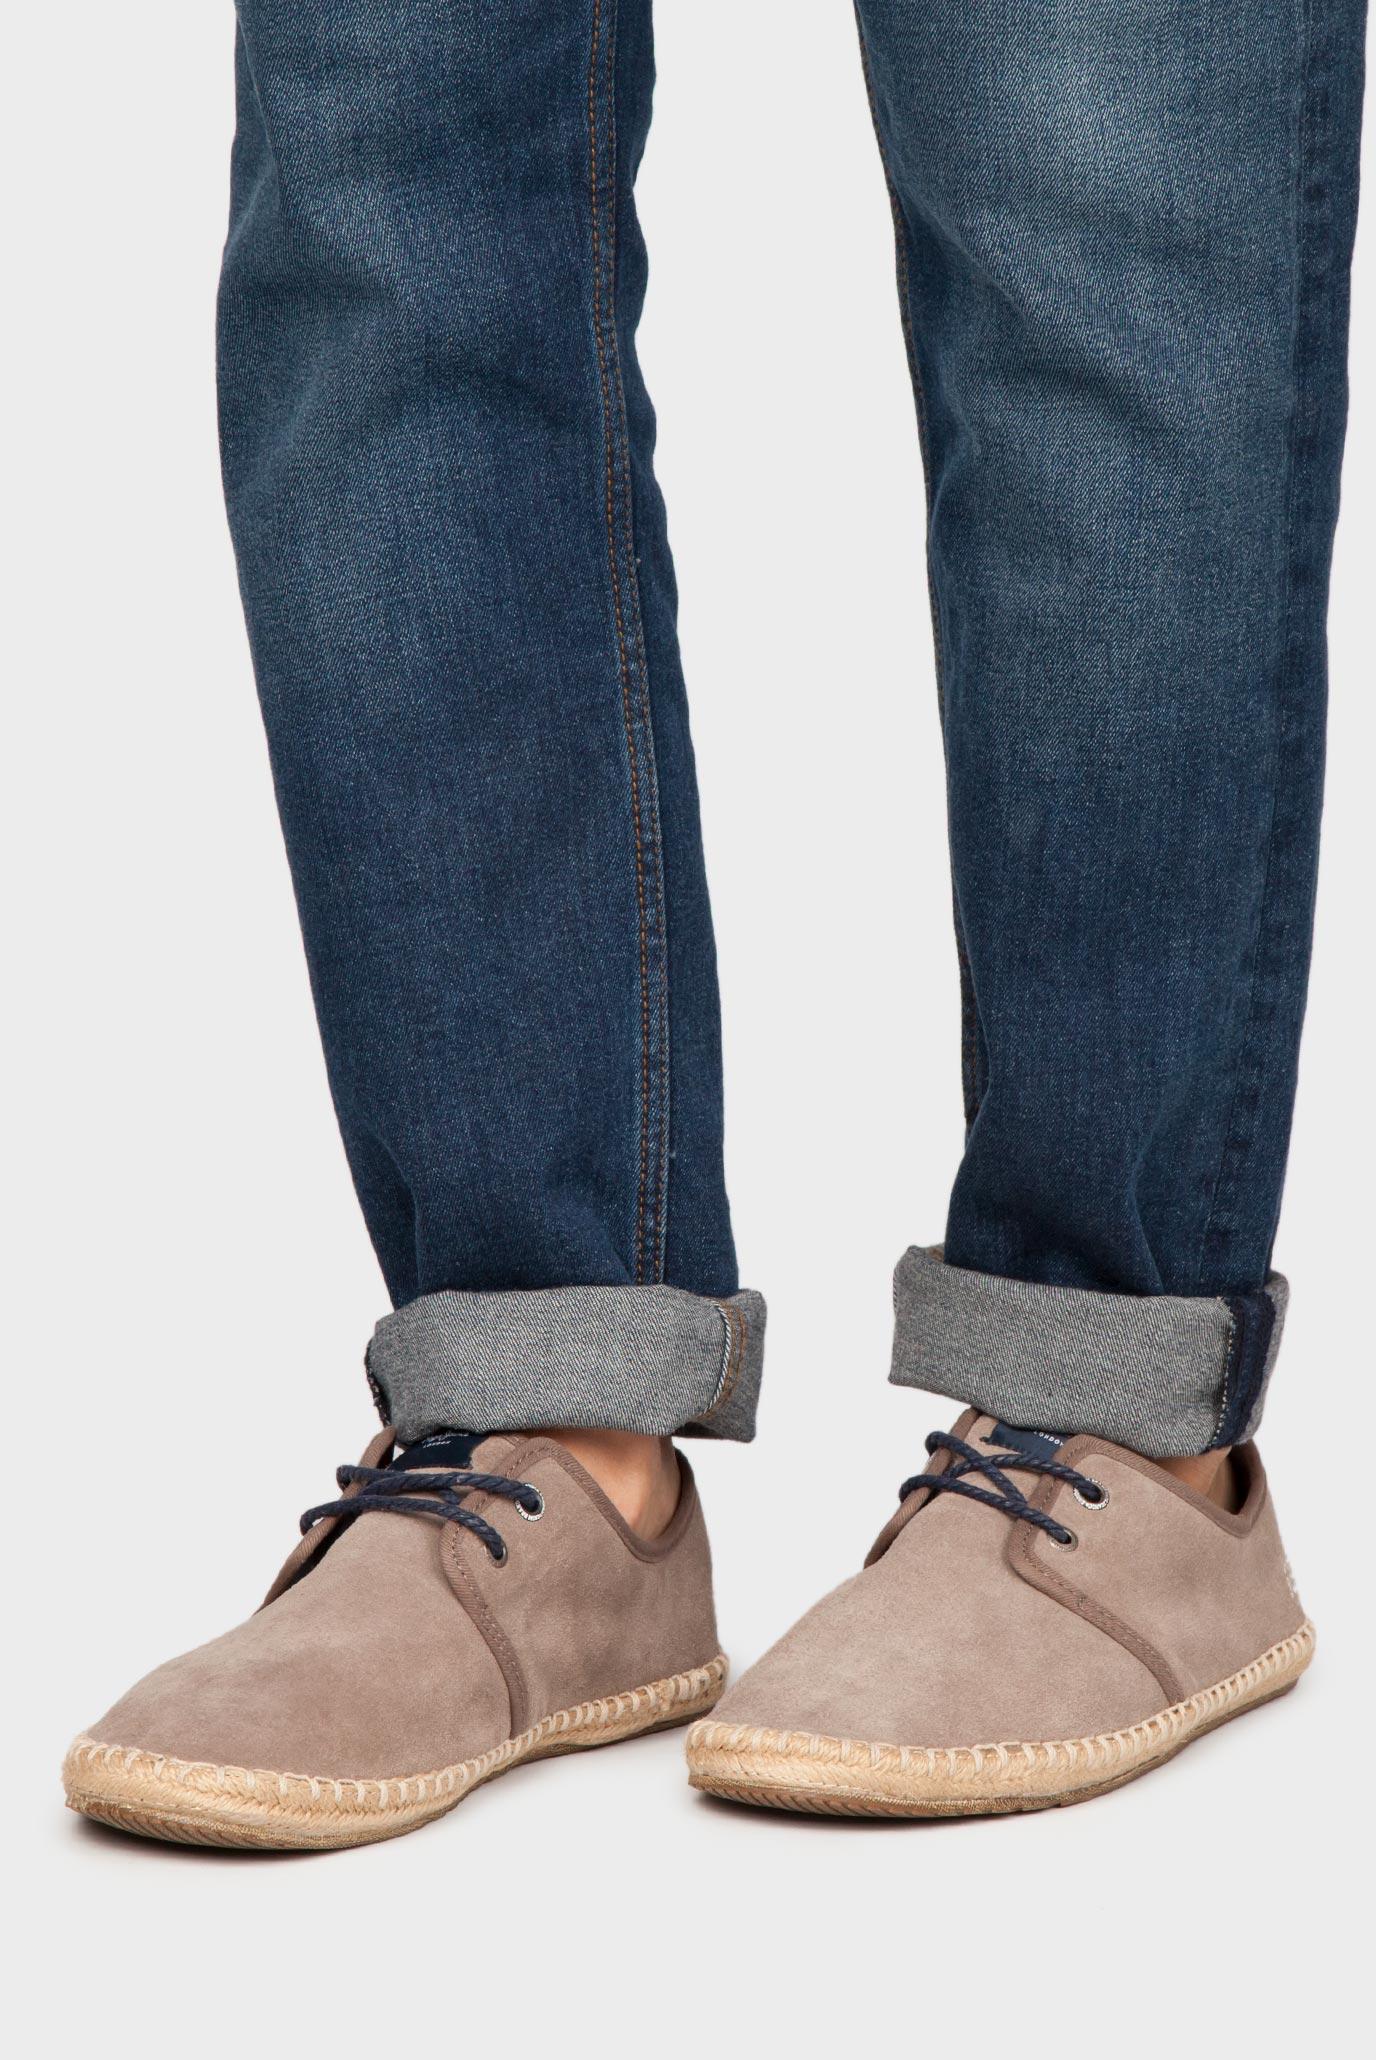 Купить Мужские коричневые замшевые высокие эспадрильи Pepe Jeans Pepe Jeans PMS10183 – Киев, Украина. Цены в интернет магазине MD Fashion